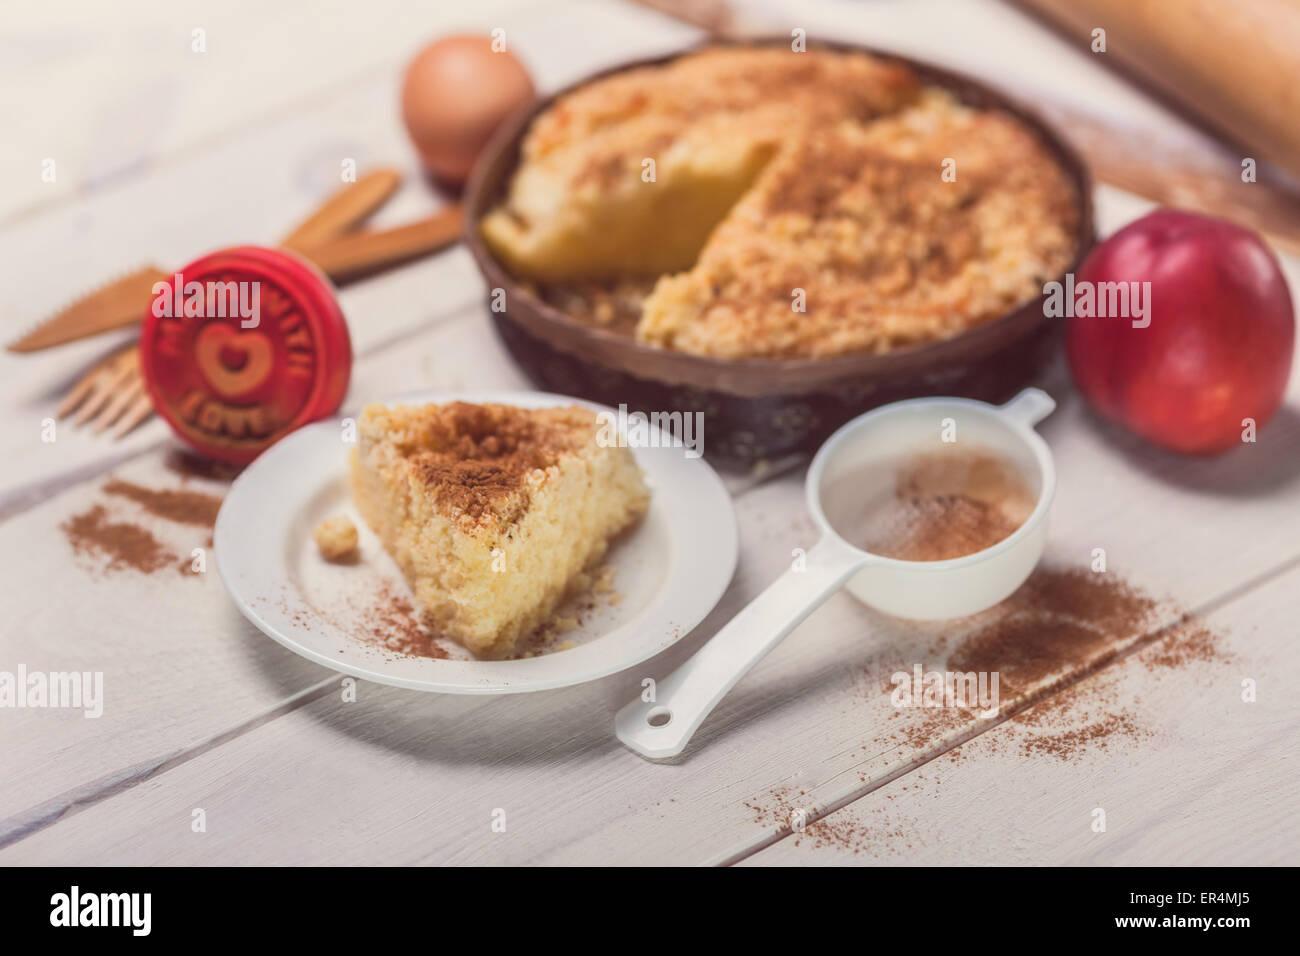 Tarta de manzana con canela sobre tablones de madera. Debica, Polonia Imagen De Stock